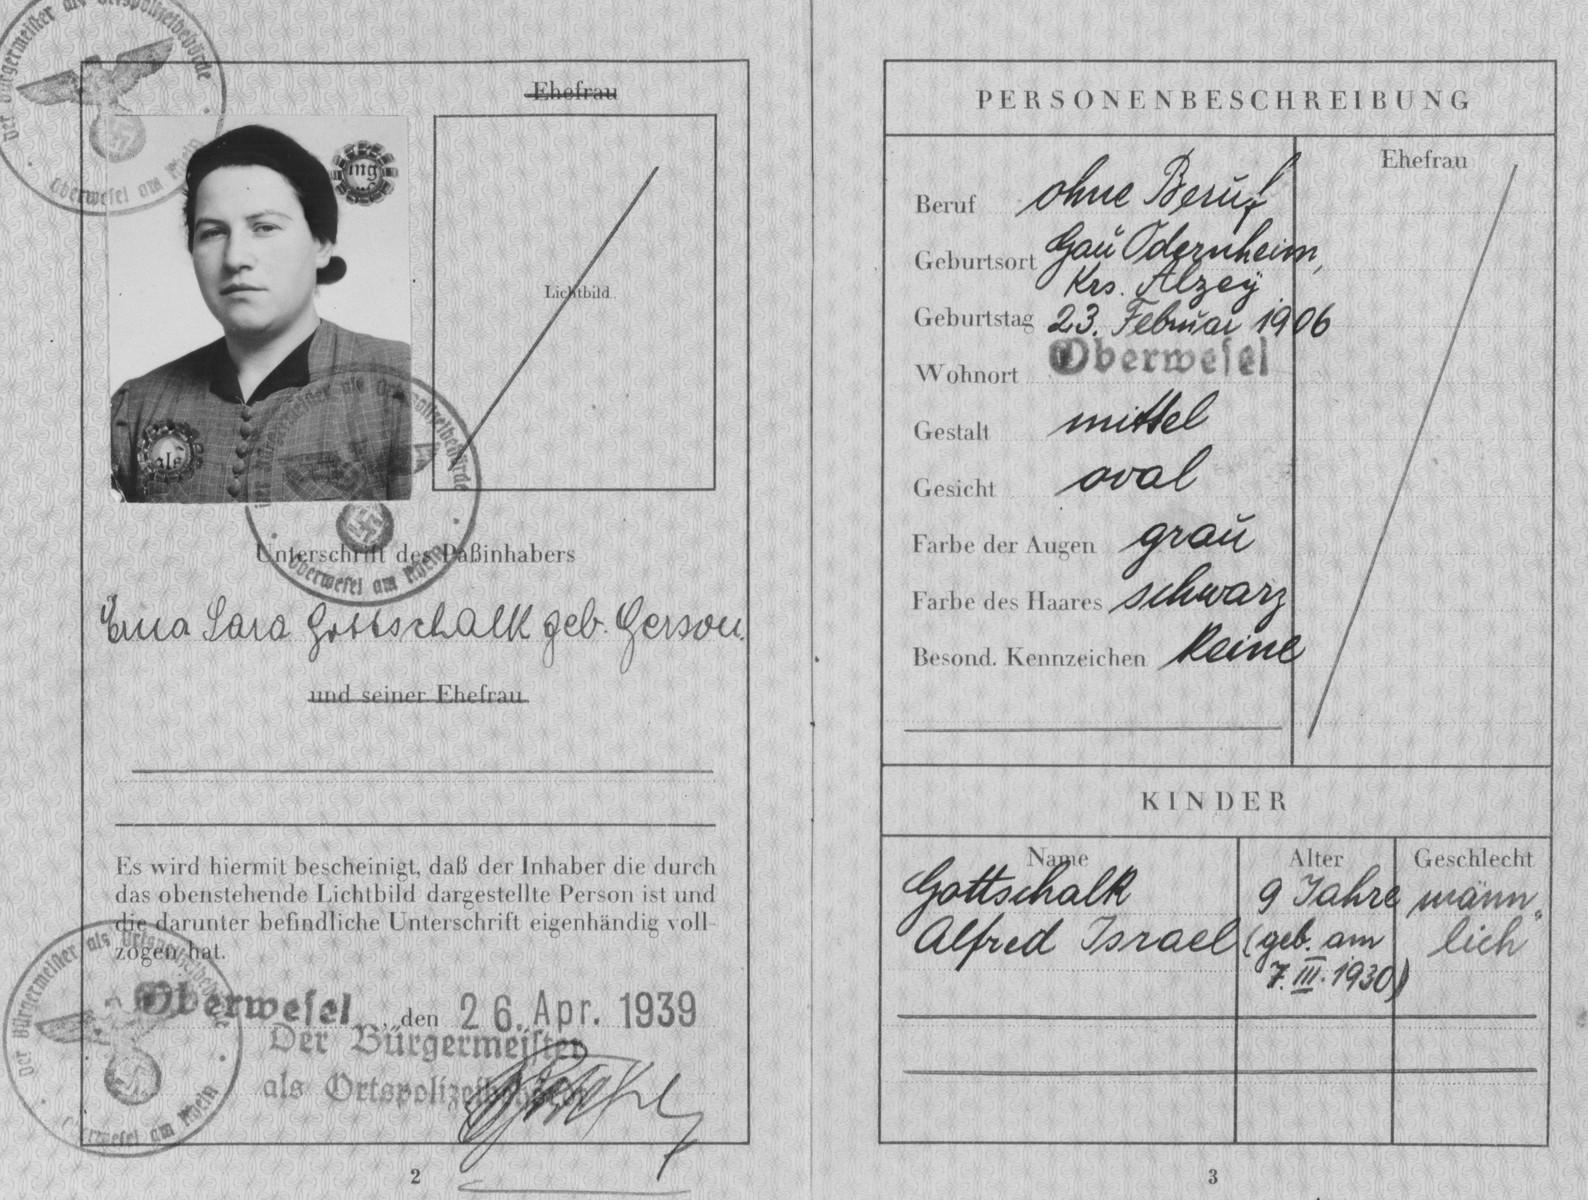 Passport of Erna Gerson (later Gottschalk).